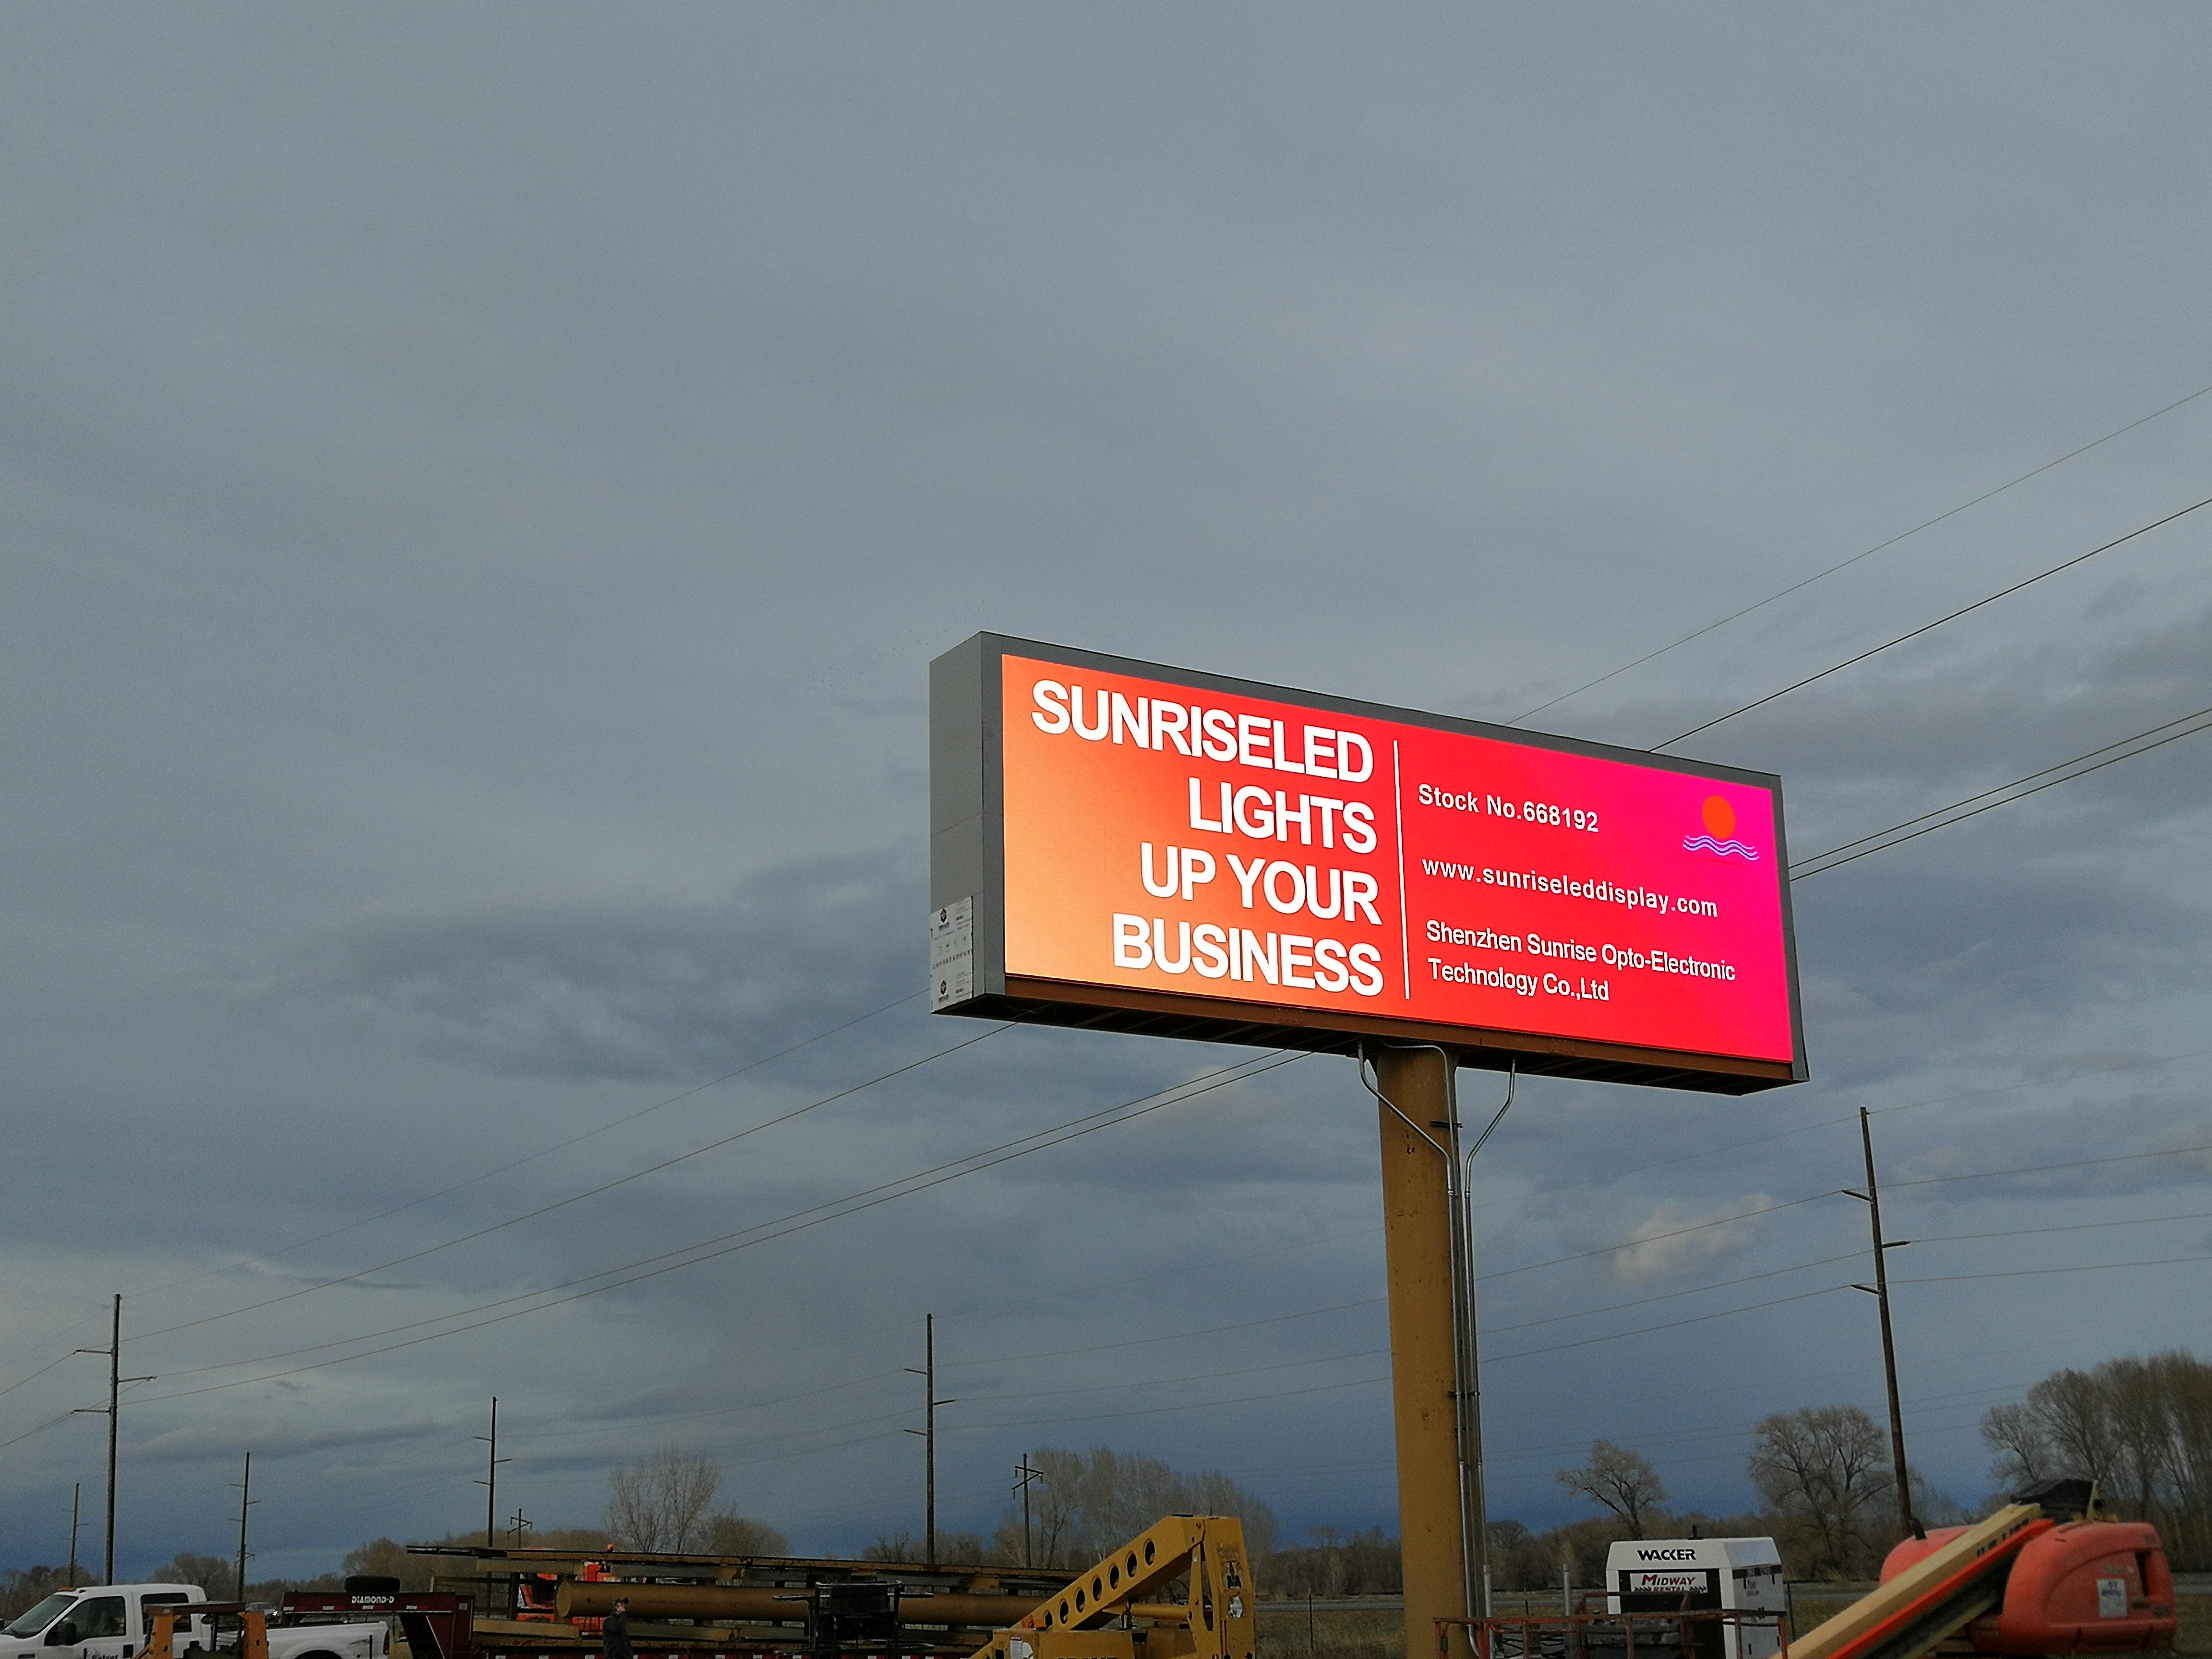 HD светодиодный рекламный щит загорается в Айдахо